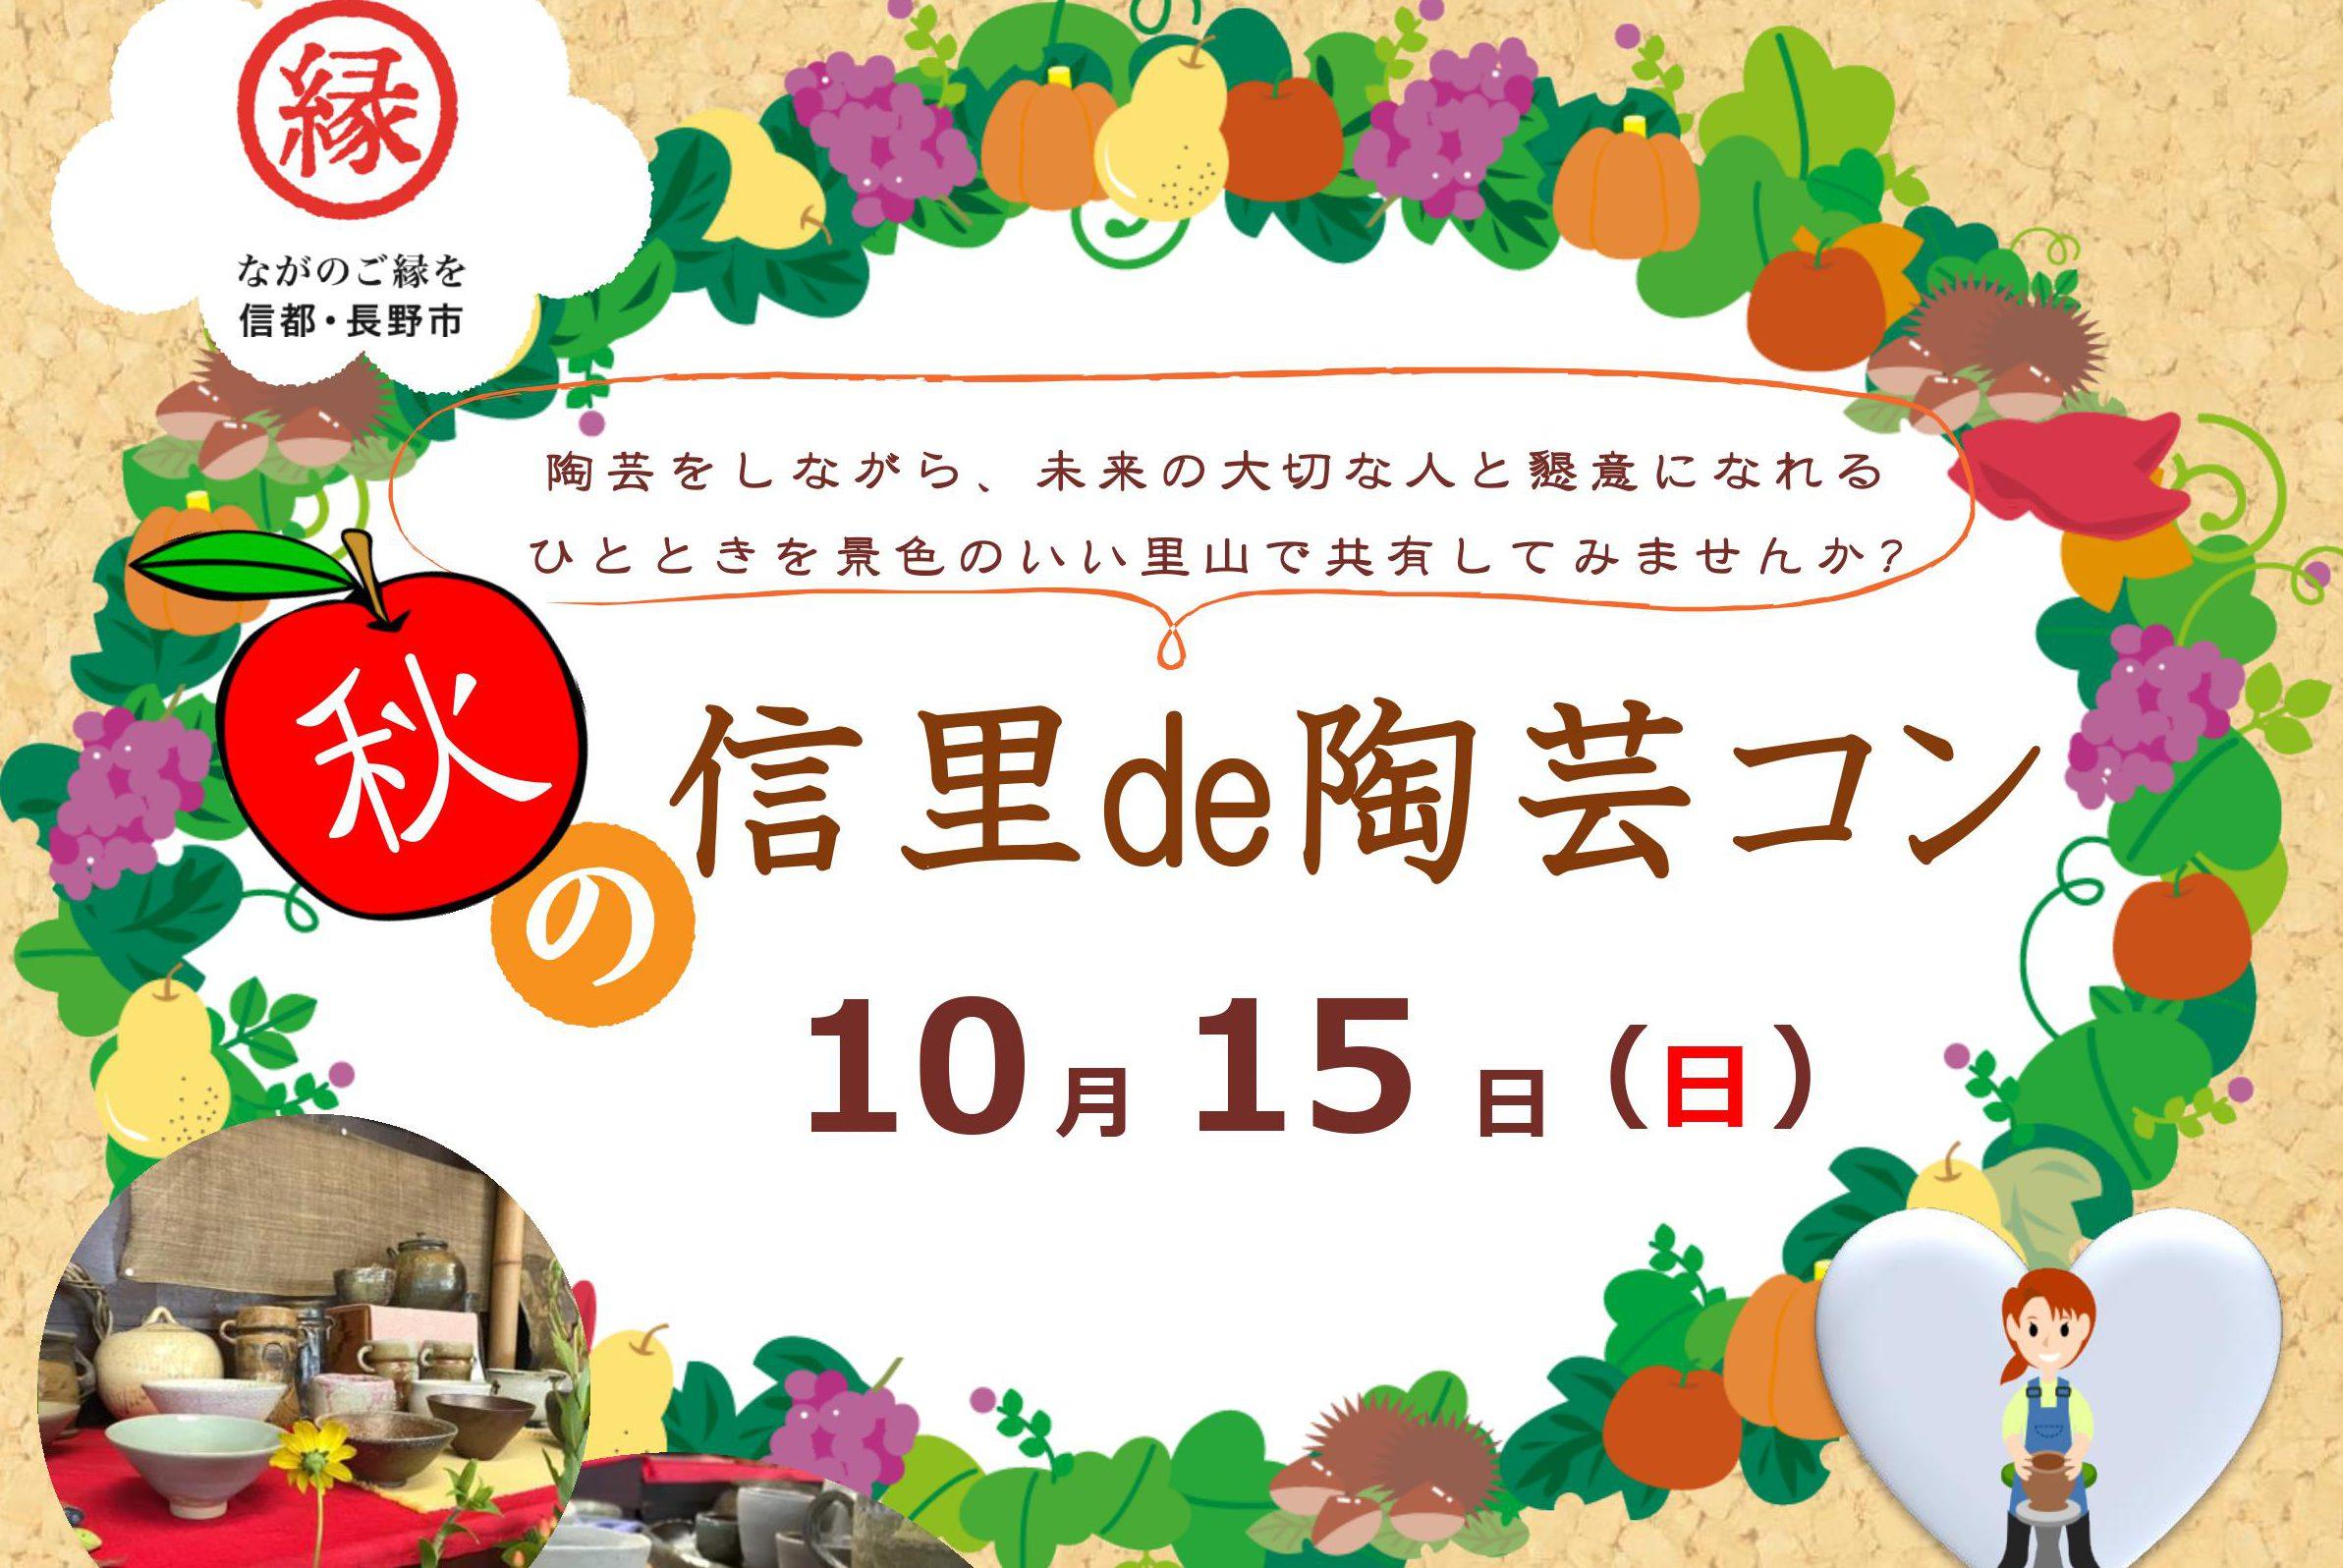 婚活イベント『秋の信里 de 陶芸コン』(終了しました)